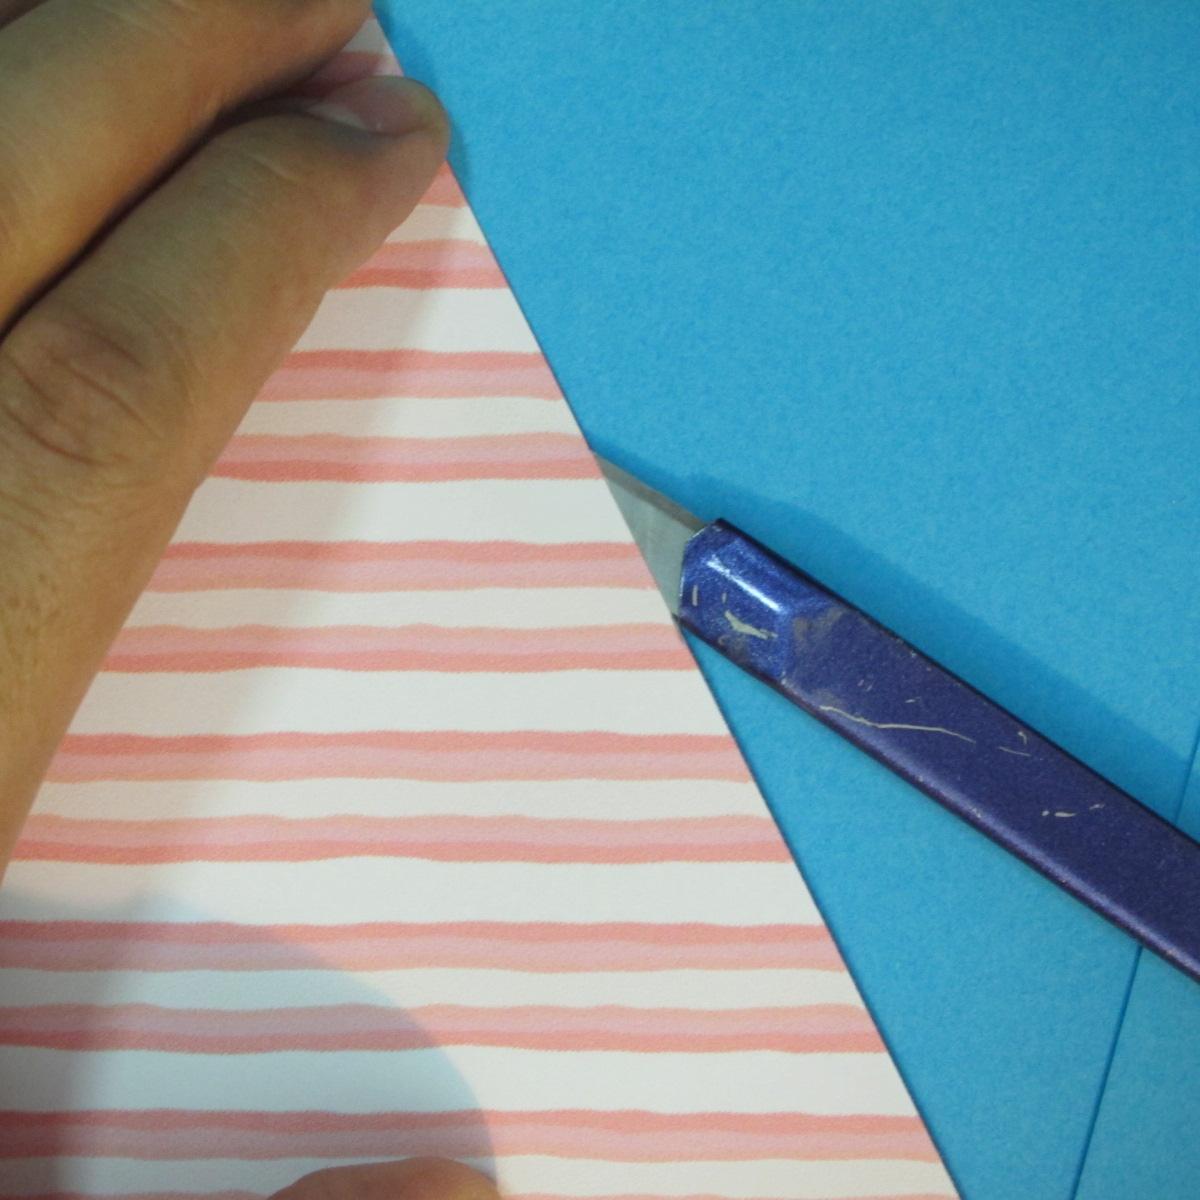 วิธีพับกล่องกระดาษรูปหัวใจส่วนฐานกล่อง 003